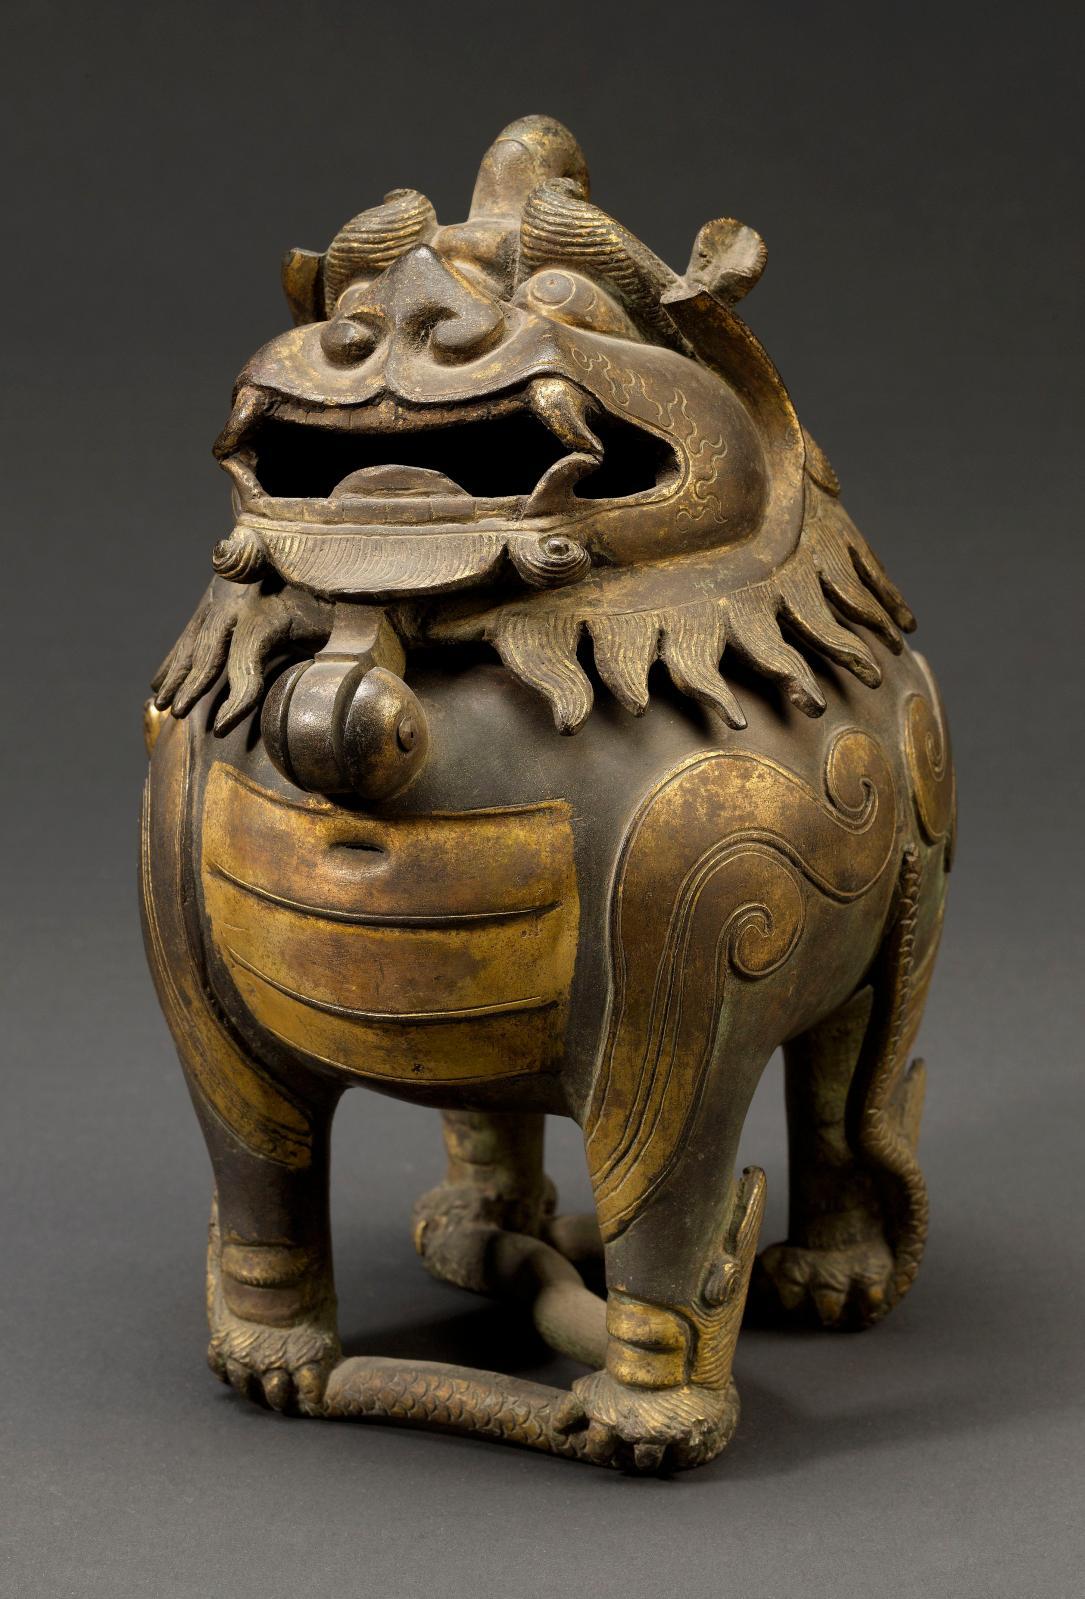 Brûle-parfum zoomorphe, alliage cuivreux, dynastie des Ming (XIVesiècle-XVIIe siècle), musée de Shanghai.